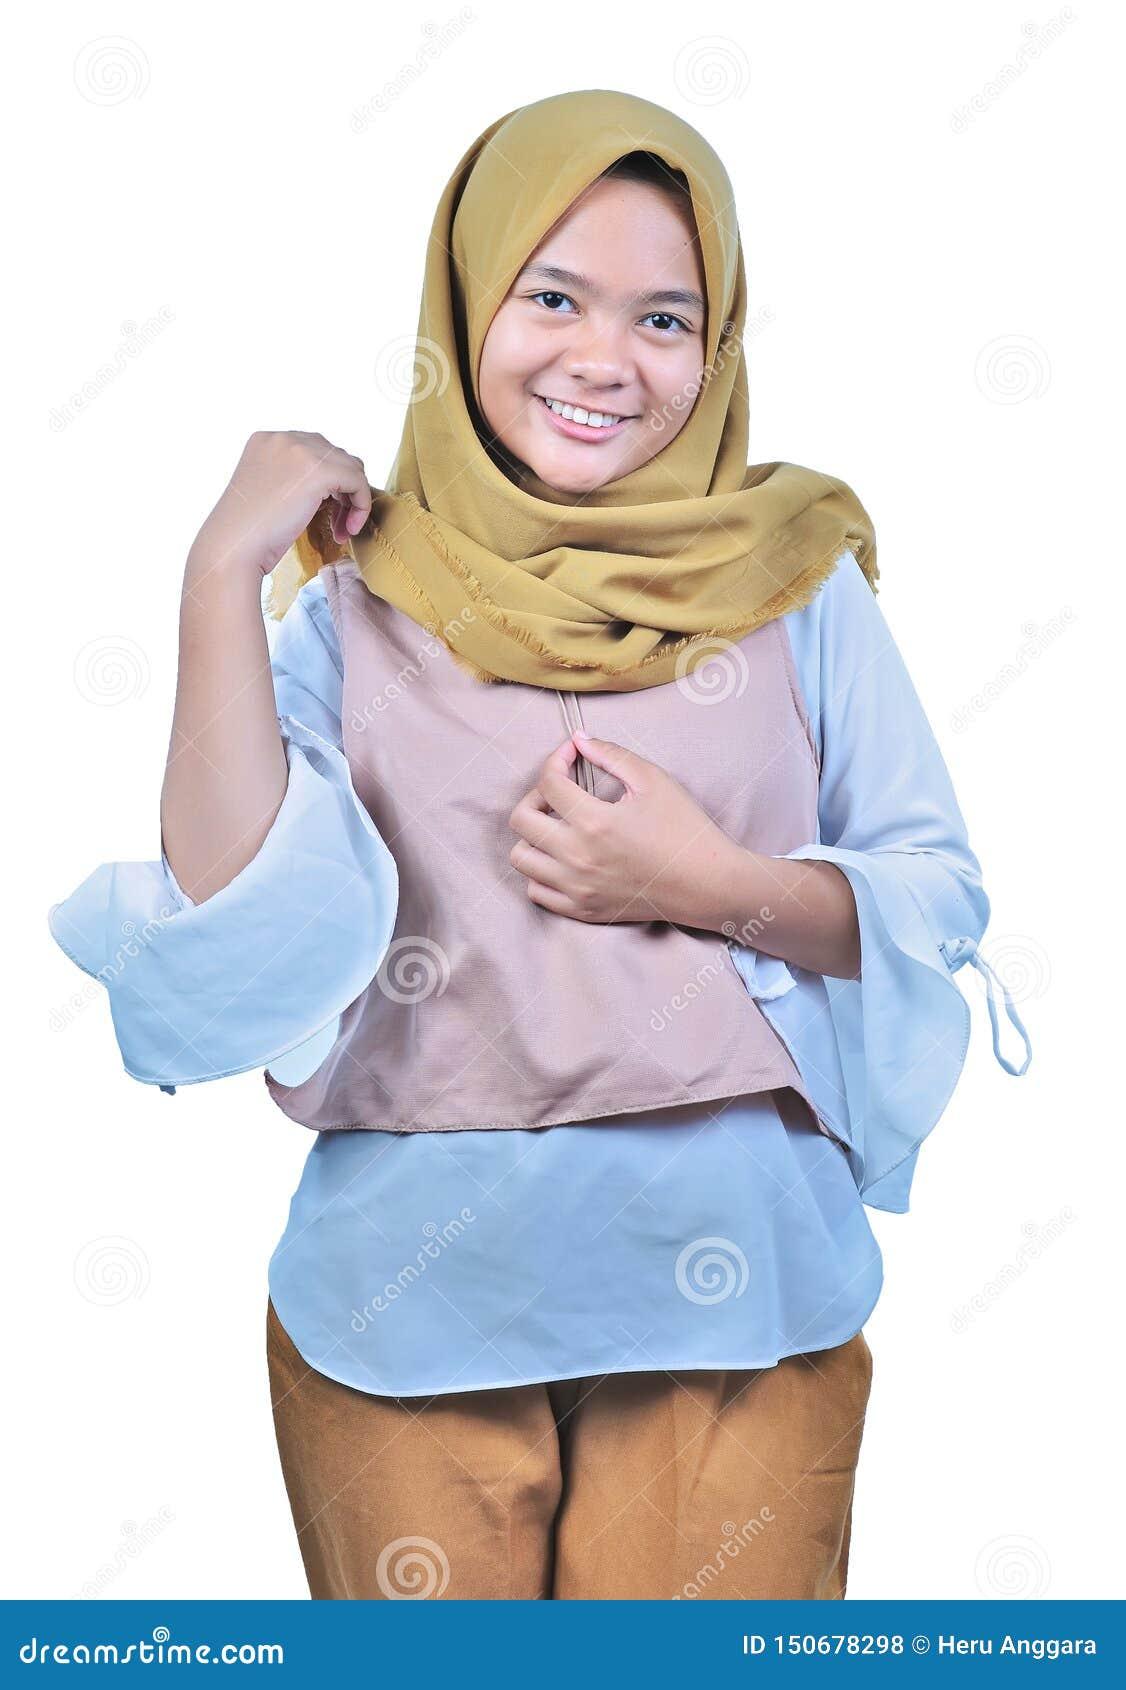 Πορτρέτο της νέας μουσουλμανικής γυναίκας στο hijab που χαμογελά και που εξετάζει τη κάμερα Μια νέα μουσουλμανική γυναίκα ευτυχής